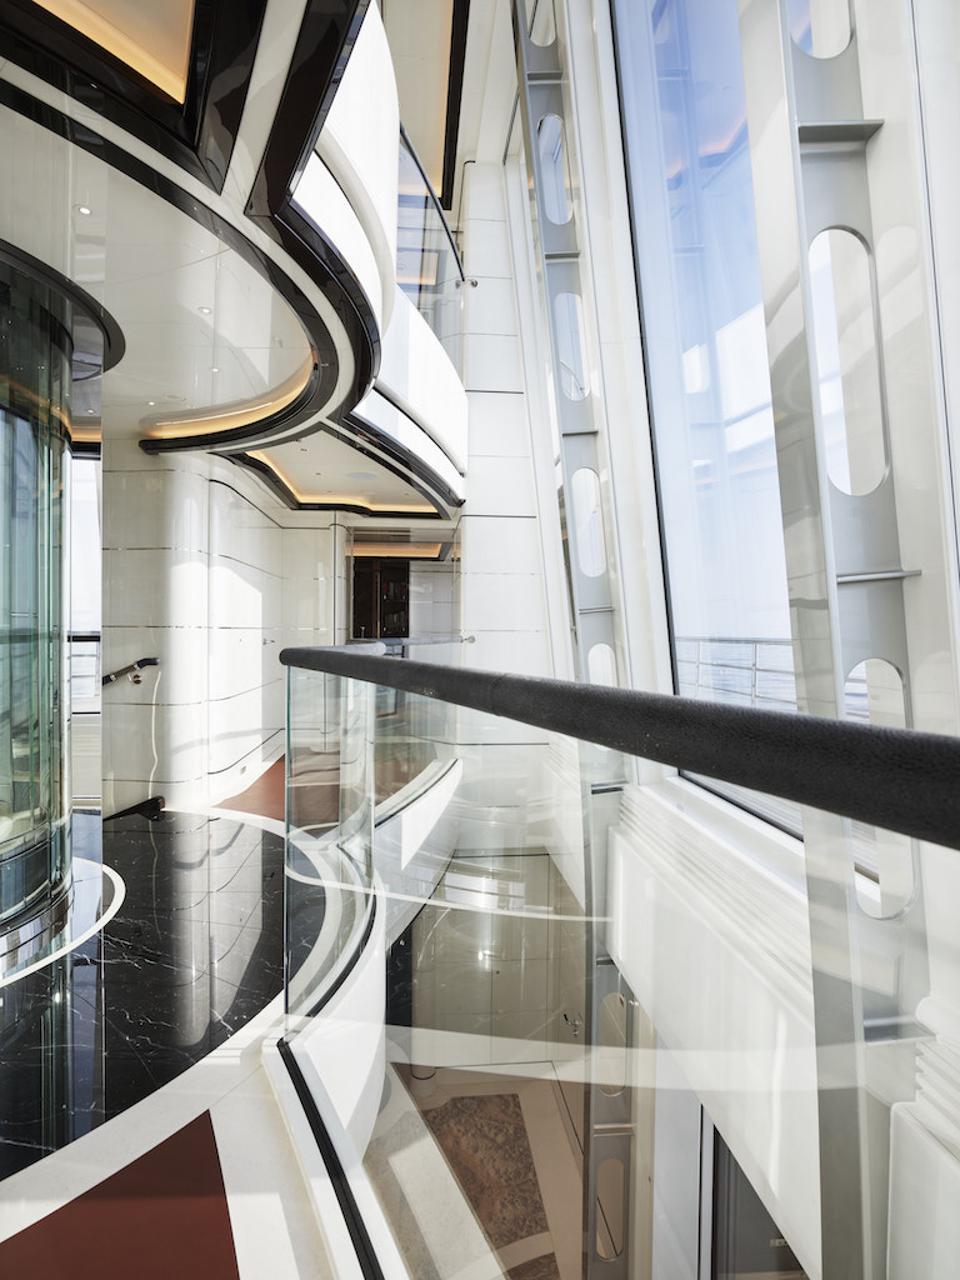 Voici à quoi cela ressemble derrière le verre en miroir du mégayacht Excellence de 263 pieds de long